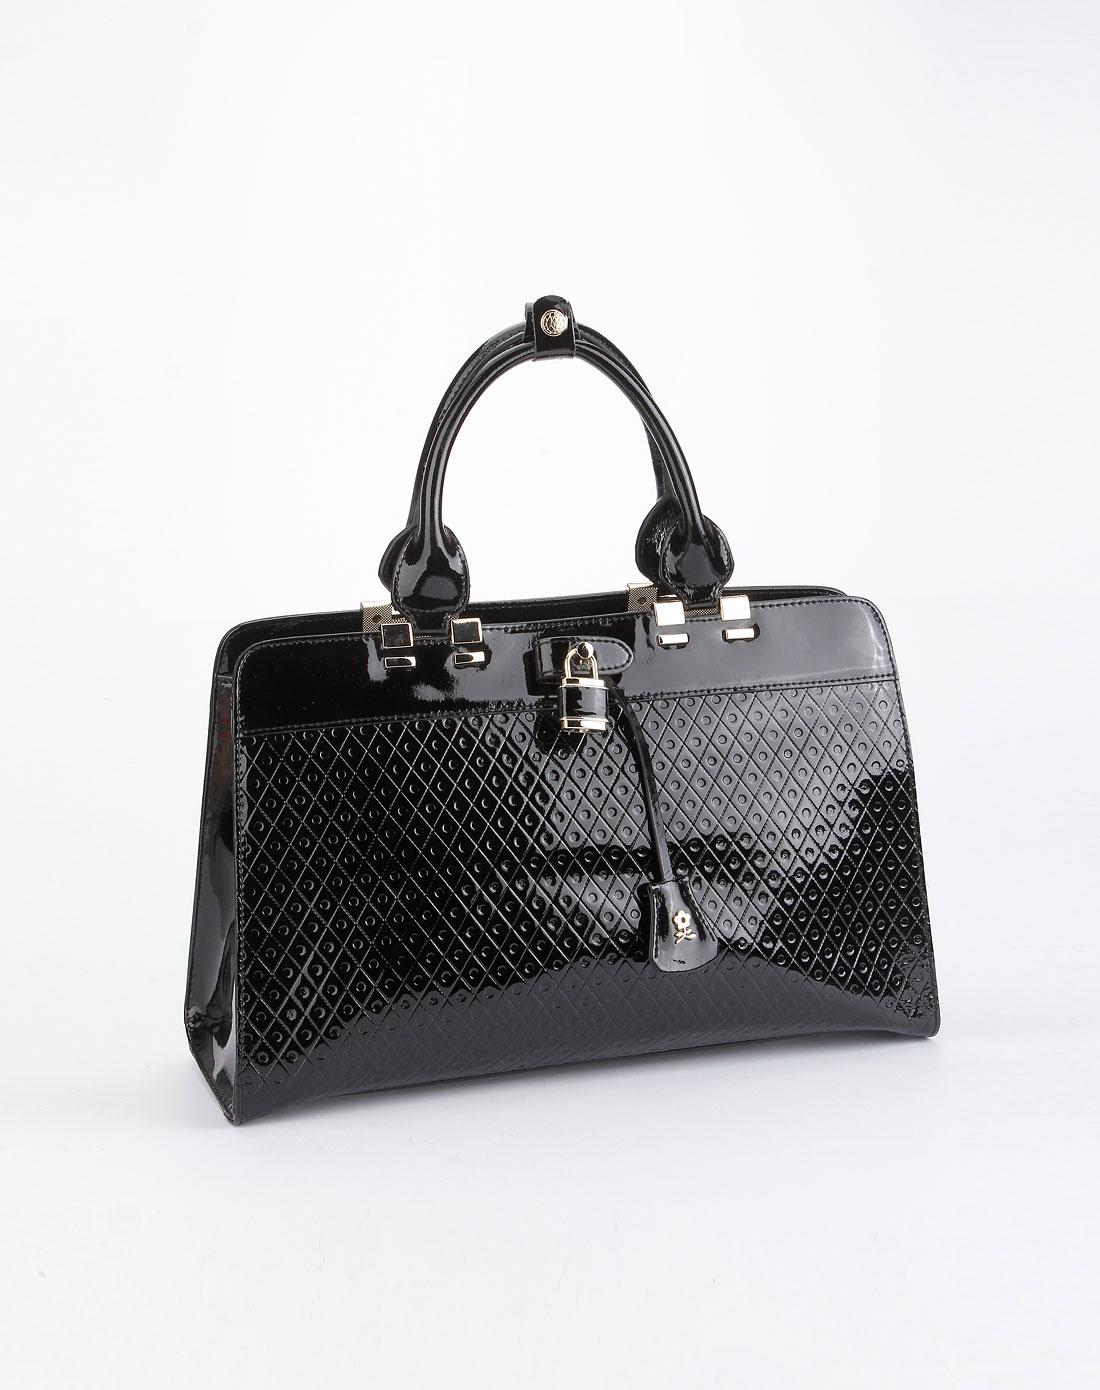 梦特娇montagut女款黑色印纹时尚手提包mdc31104022e